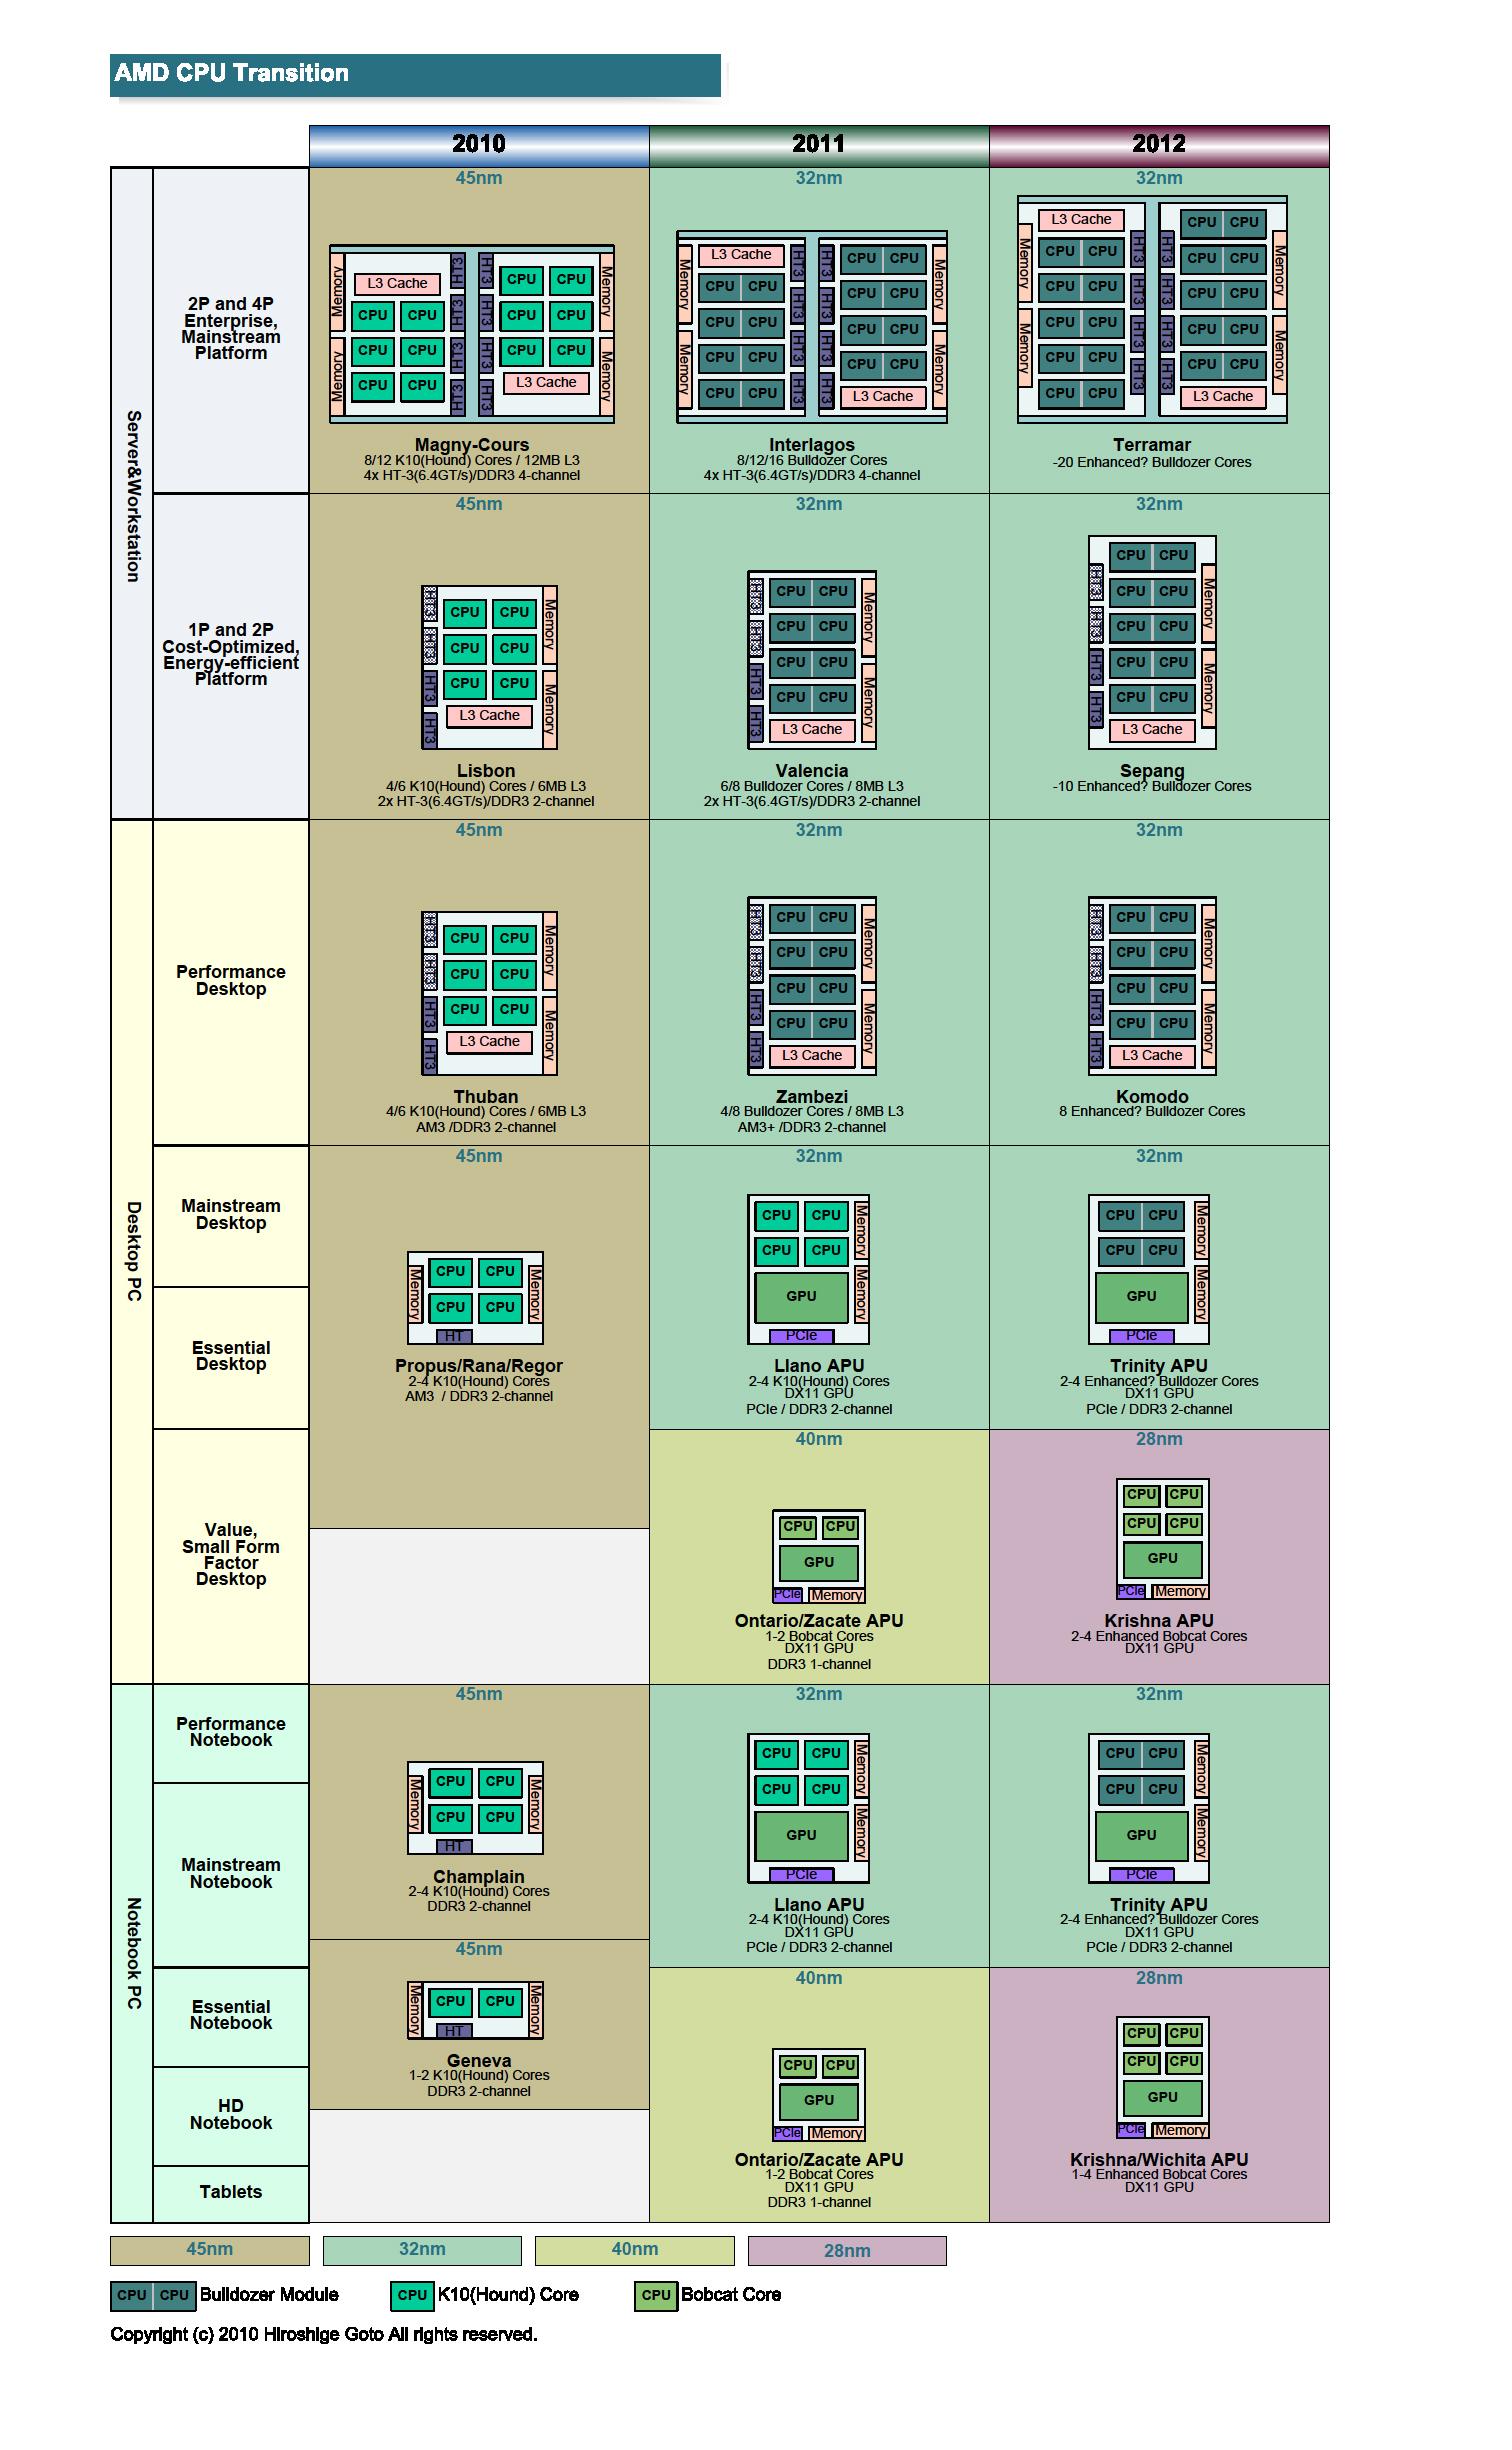 """AMD CPUアーキテクチャの移行<br>PDF版は<a href=""""/video/pcw/docs/450/030/p4.pdf"""">こちら</a>"""